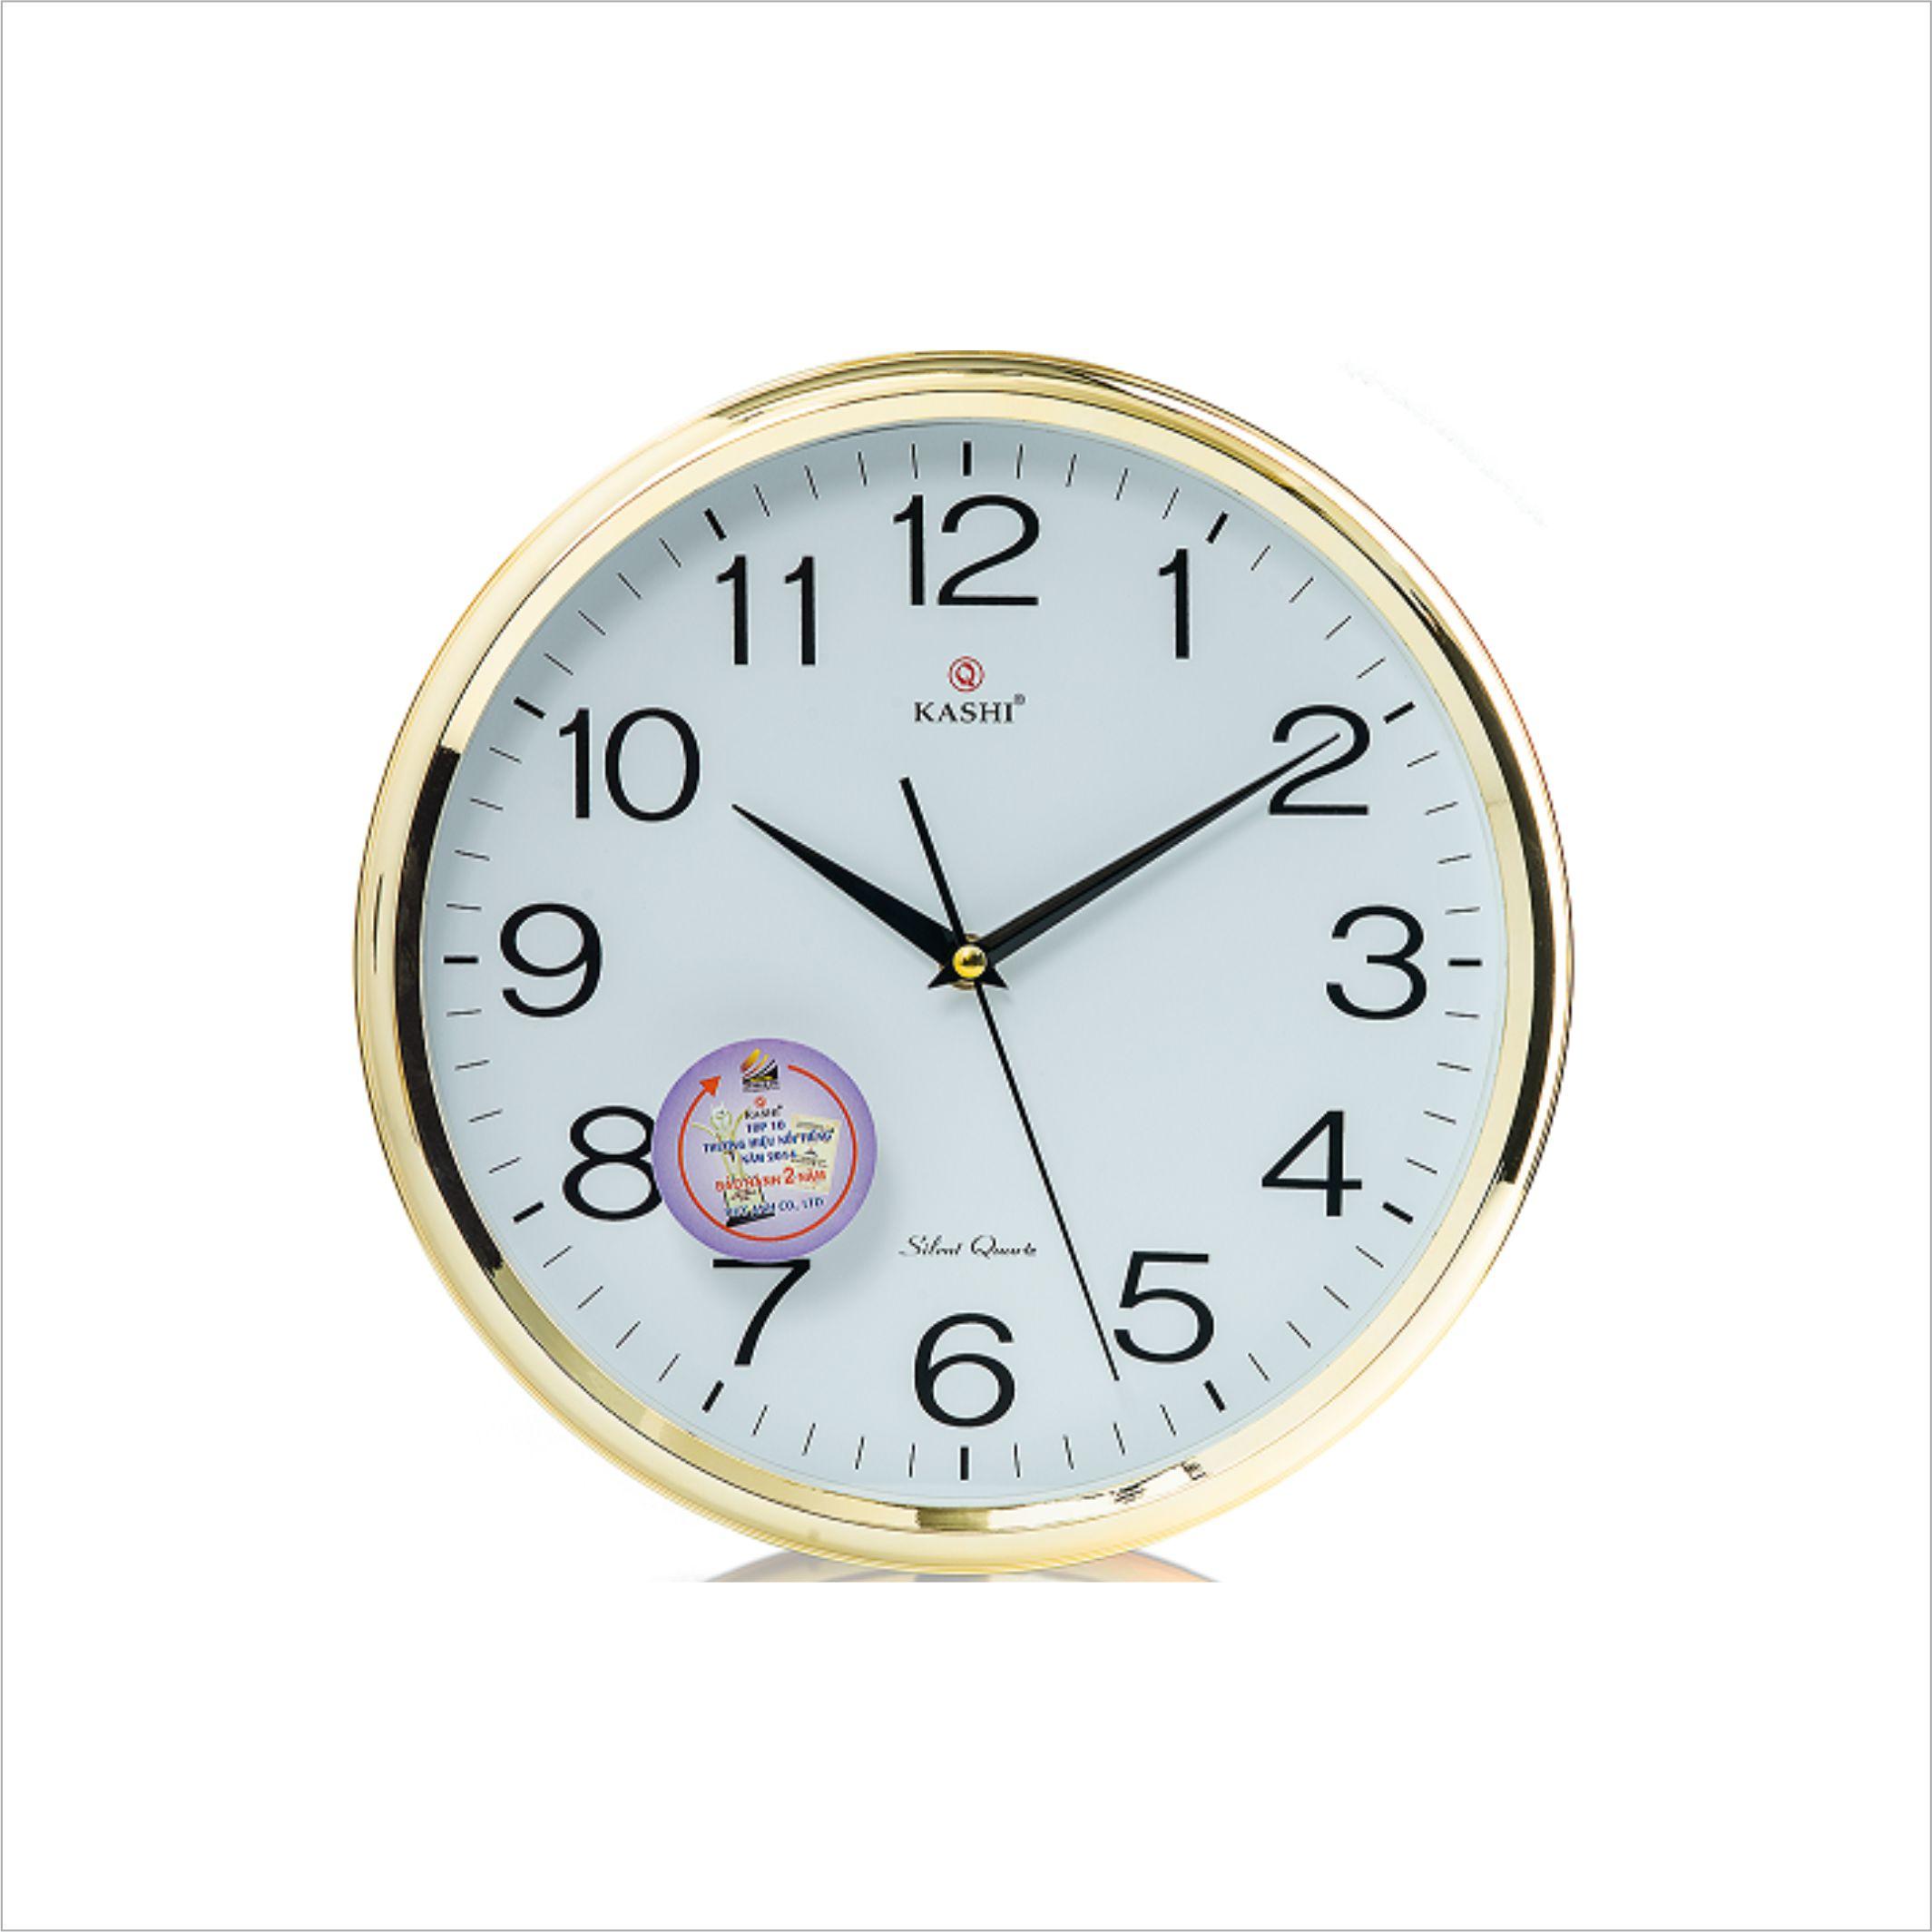 Đồng hồ treo tường DHHM321 vành vàng Kashi 30cm